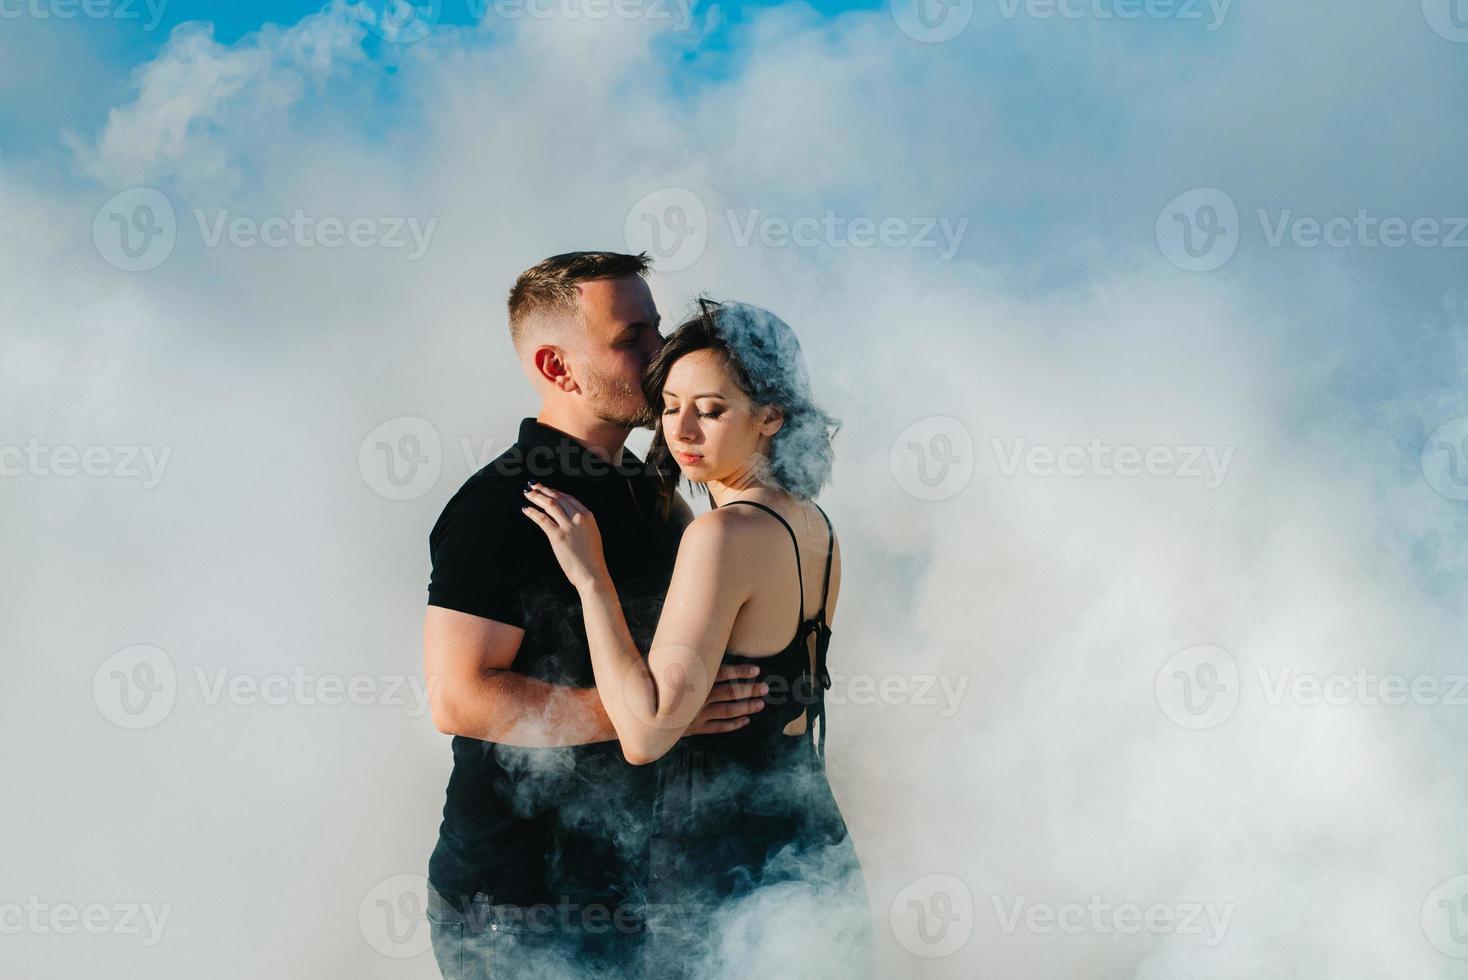 Mann und ein Mädchen in schwarzer Kleidung umarmen sich in weißem Rauch foto